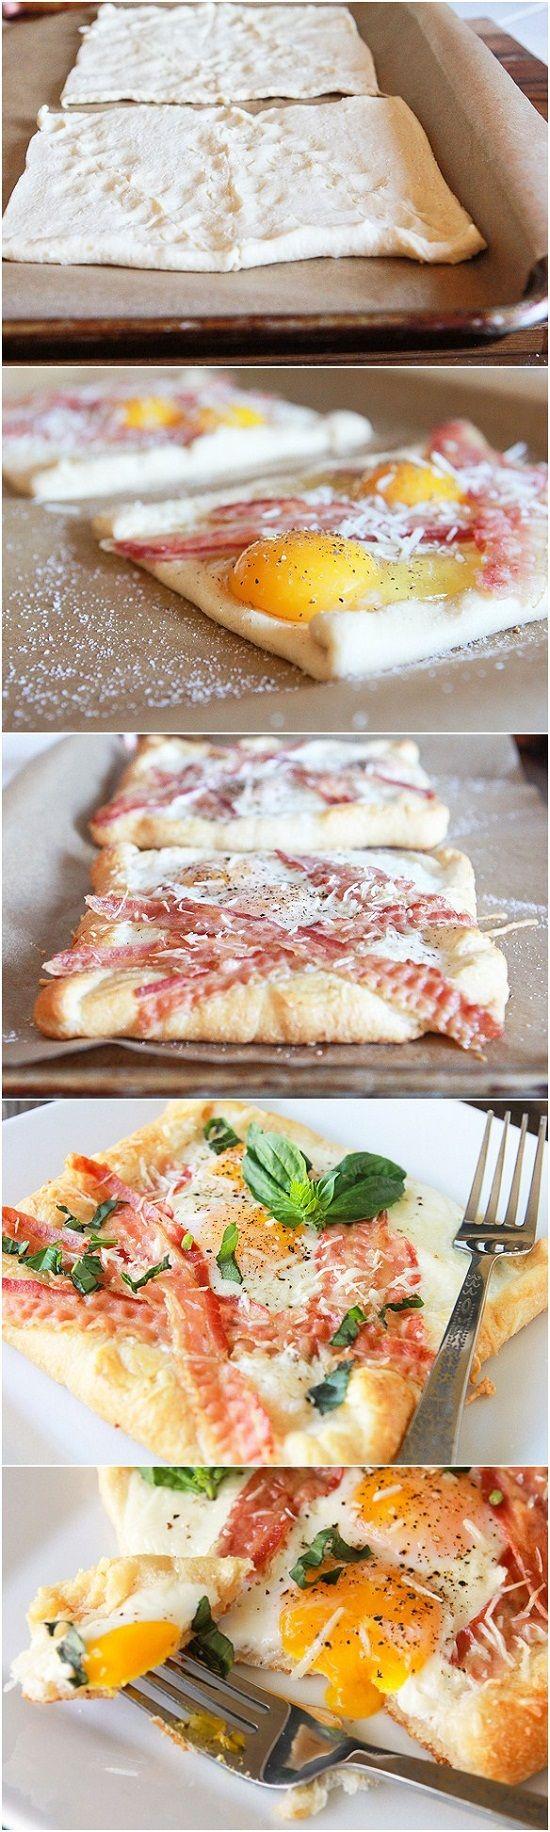 Bacon and Egg Crescent Squares [ MyGourmetCafe.com ] #breakfast #recipes #gourmet